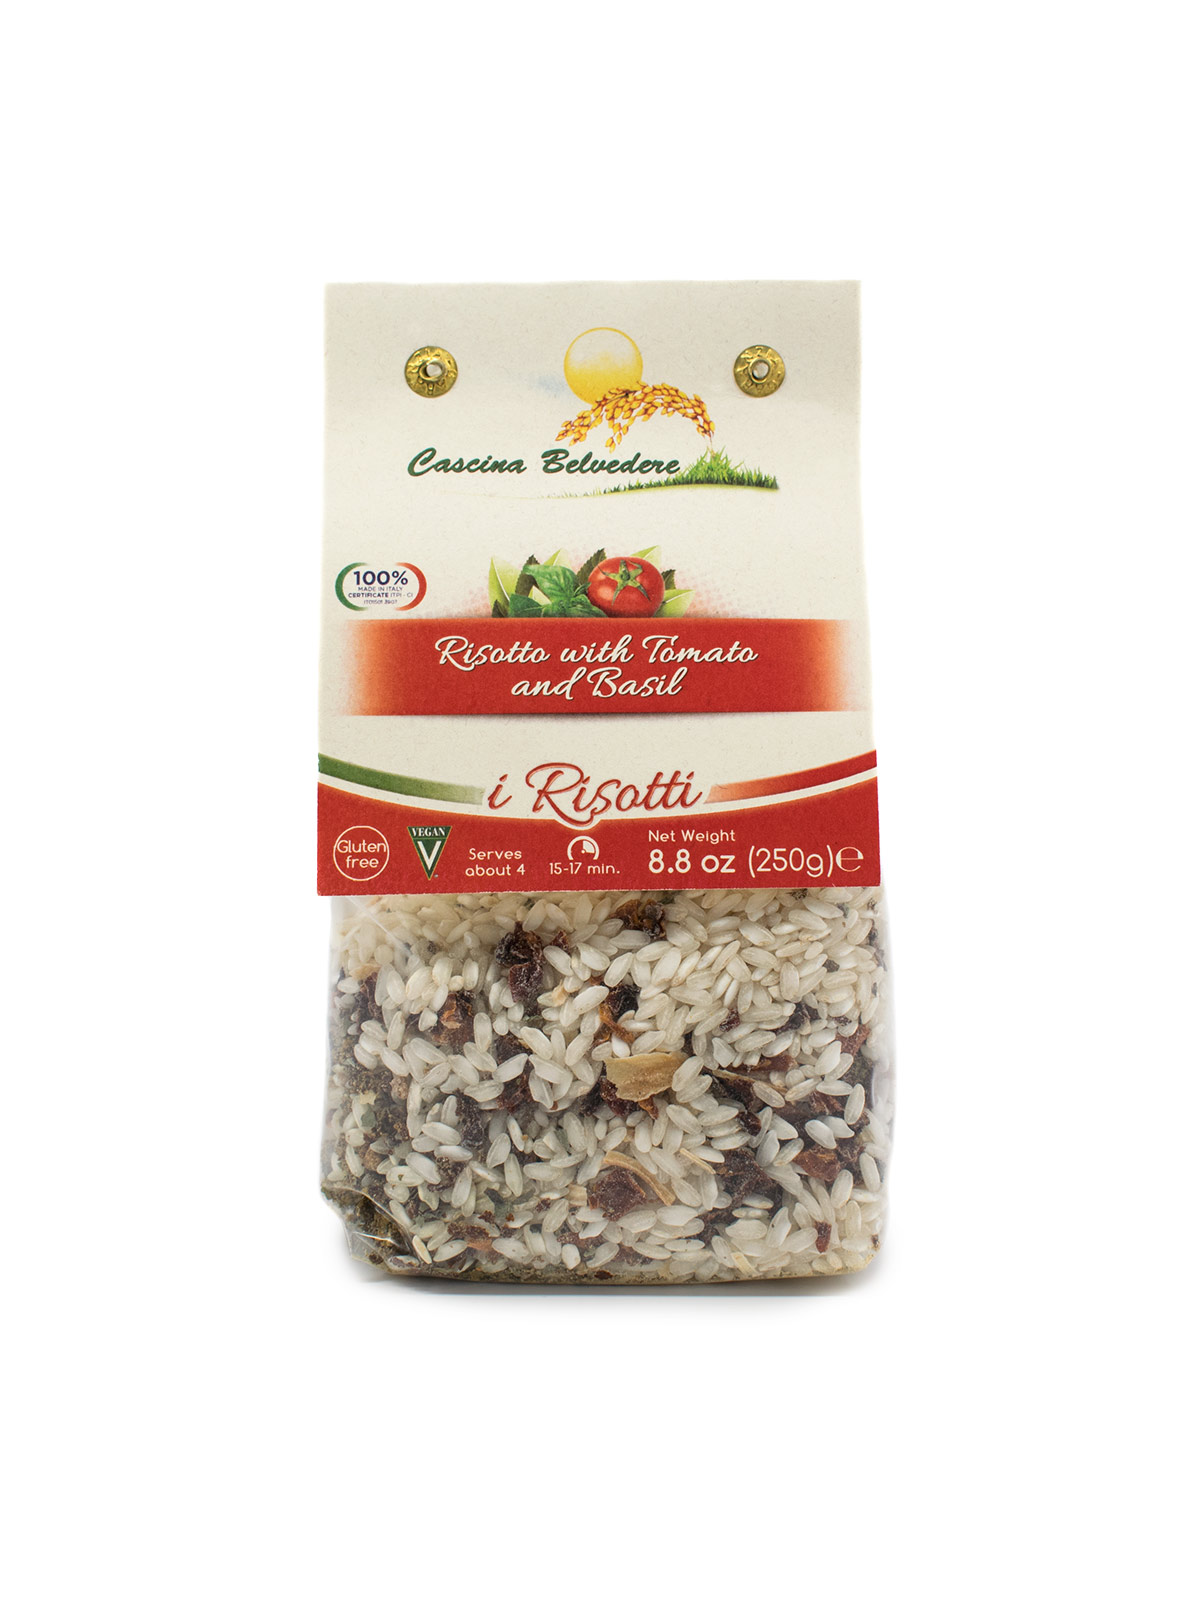 Tomato and Basil Risotto - Pastas, Rice, and Grains - Buon'Italia